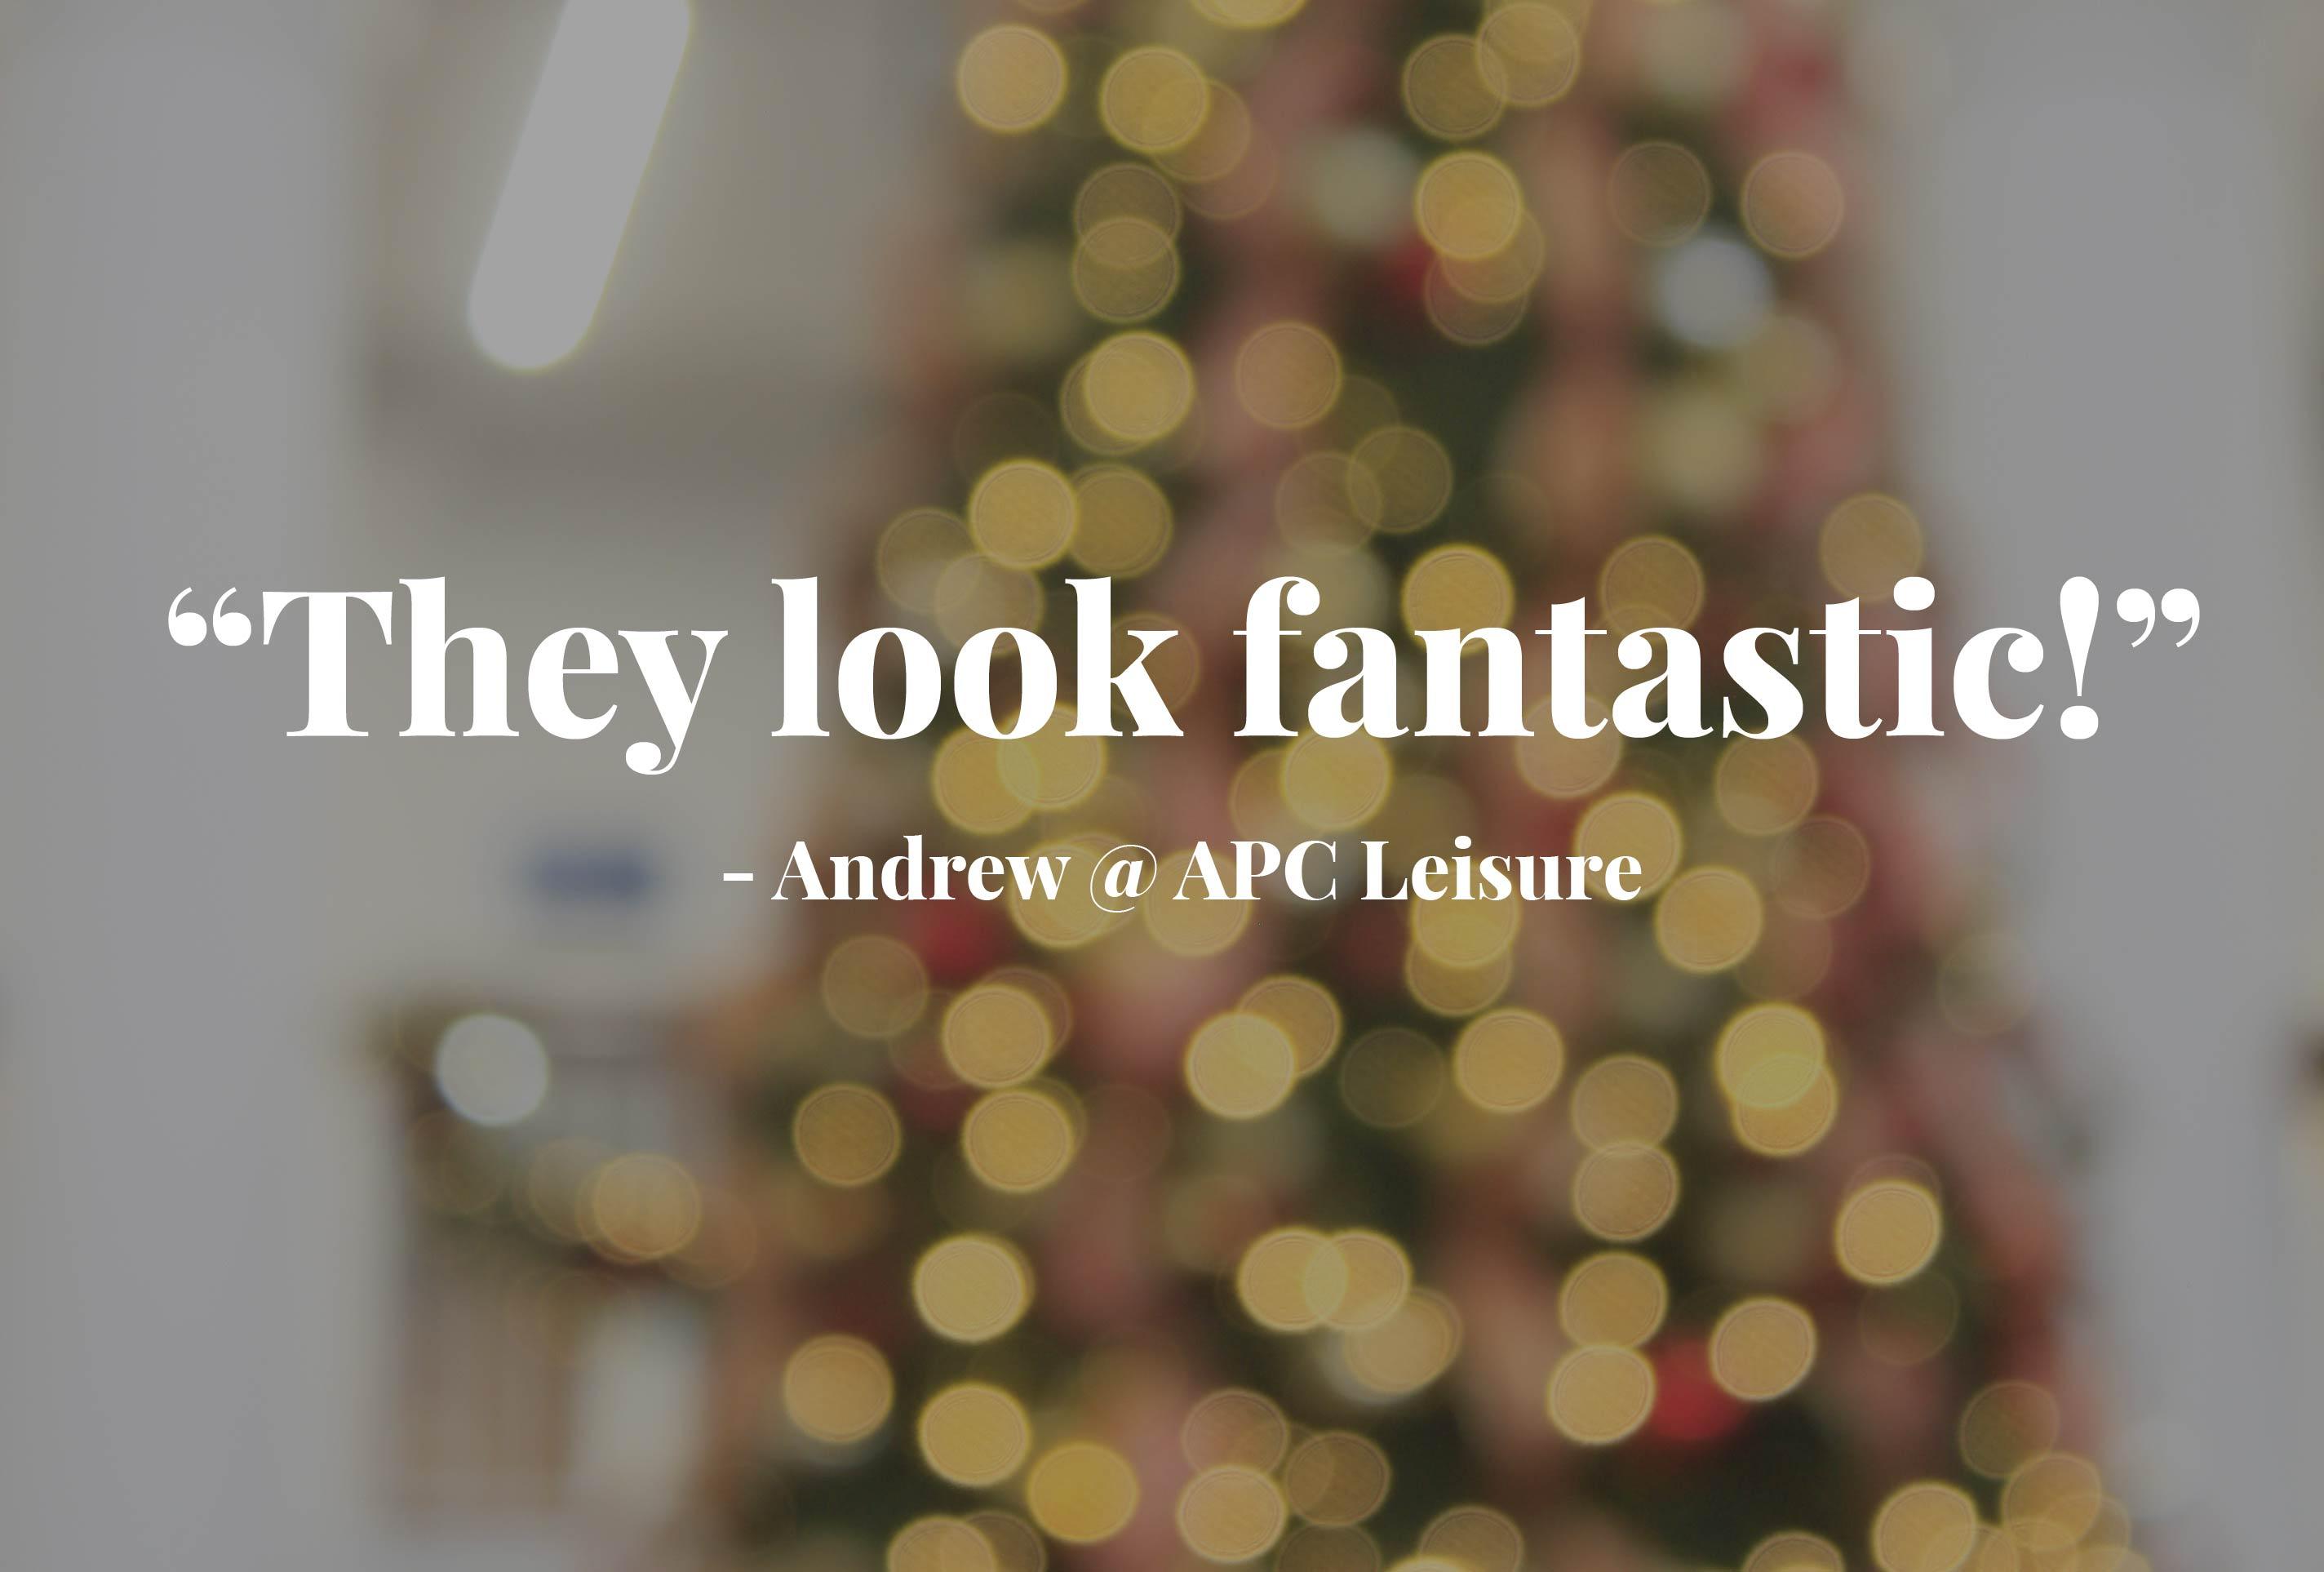 Andrew APC Leisure